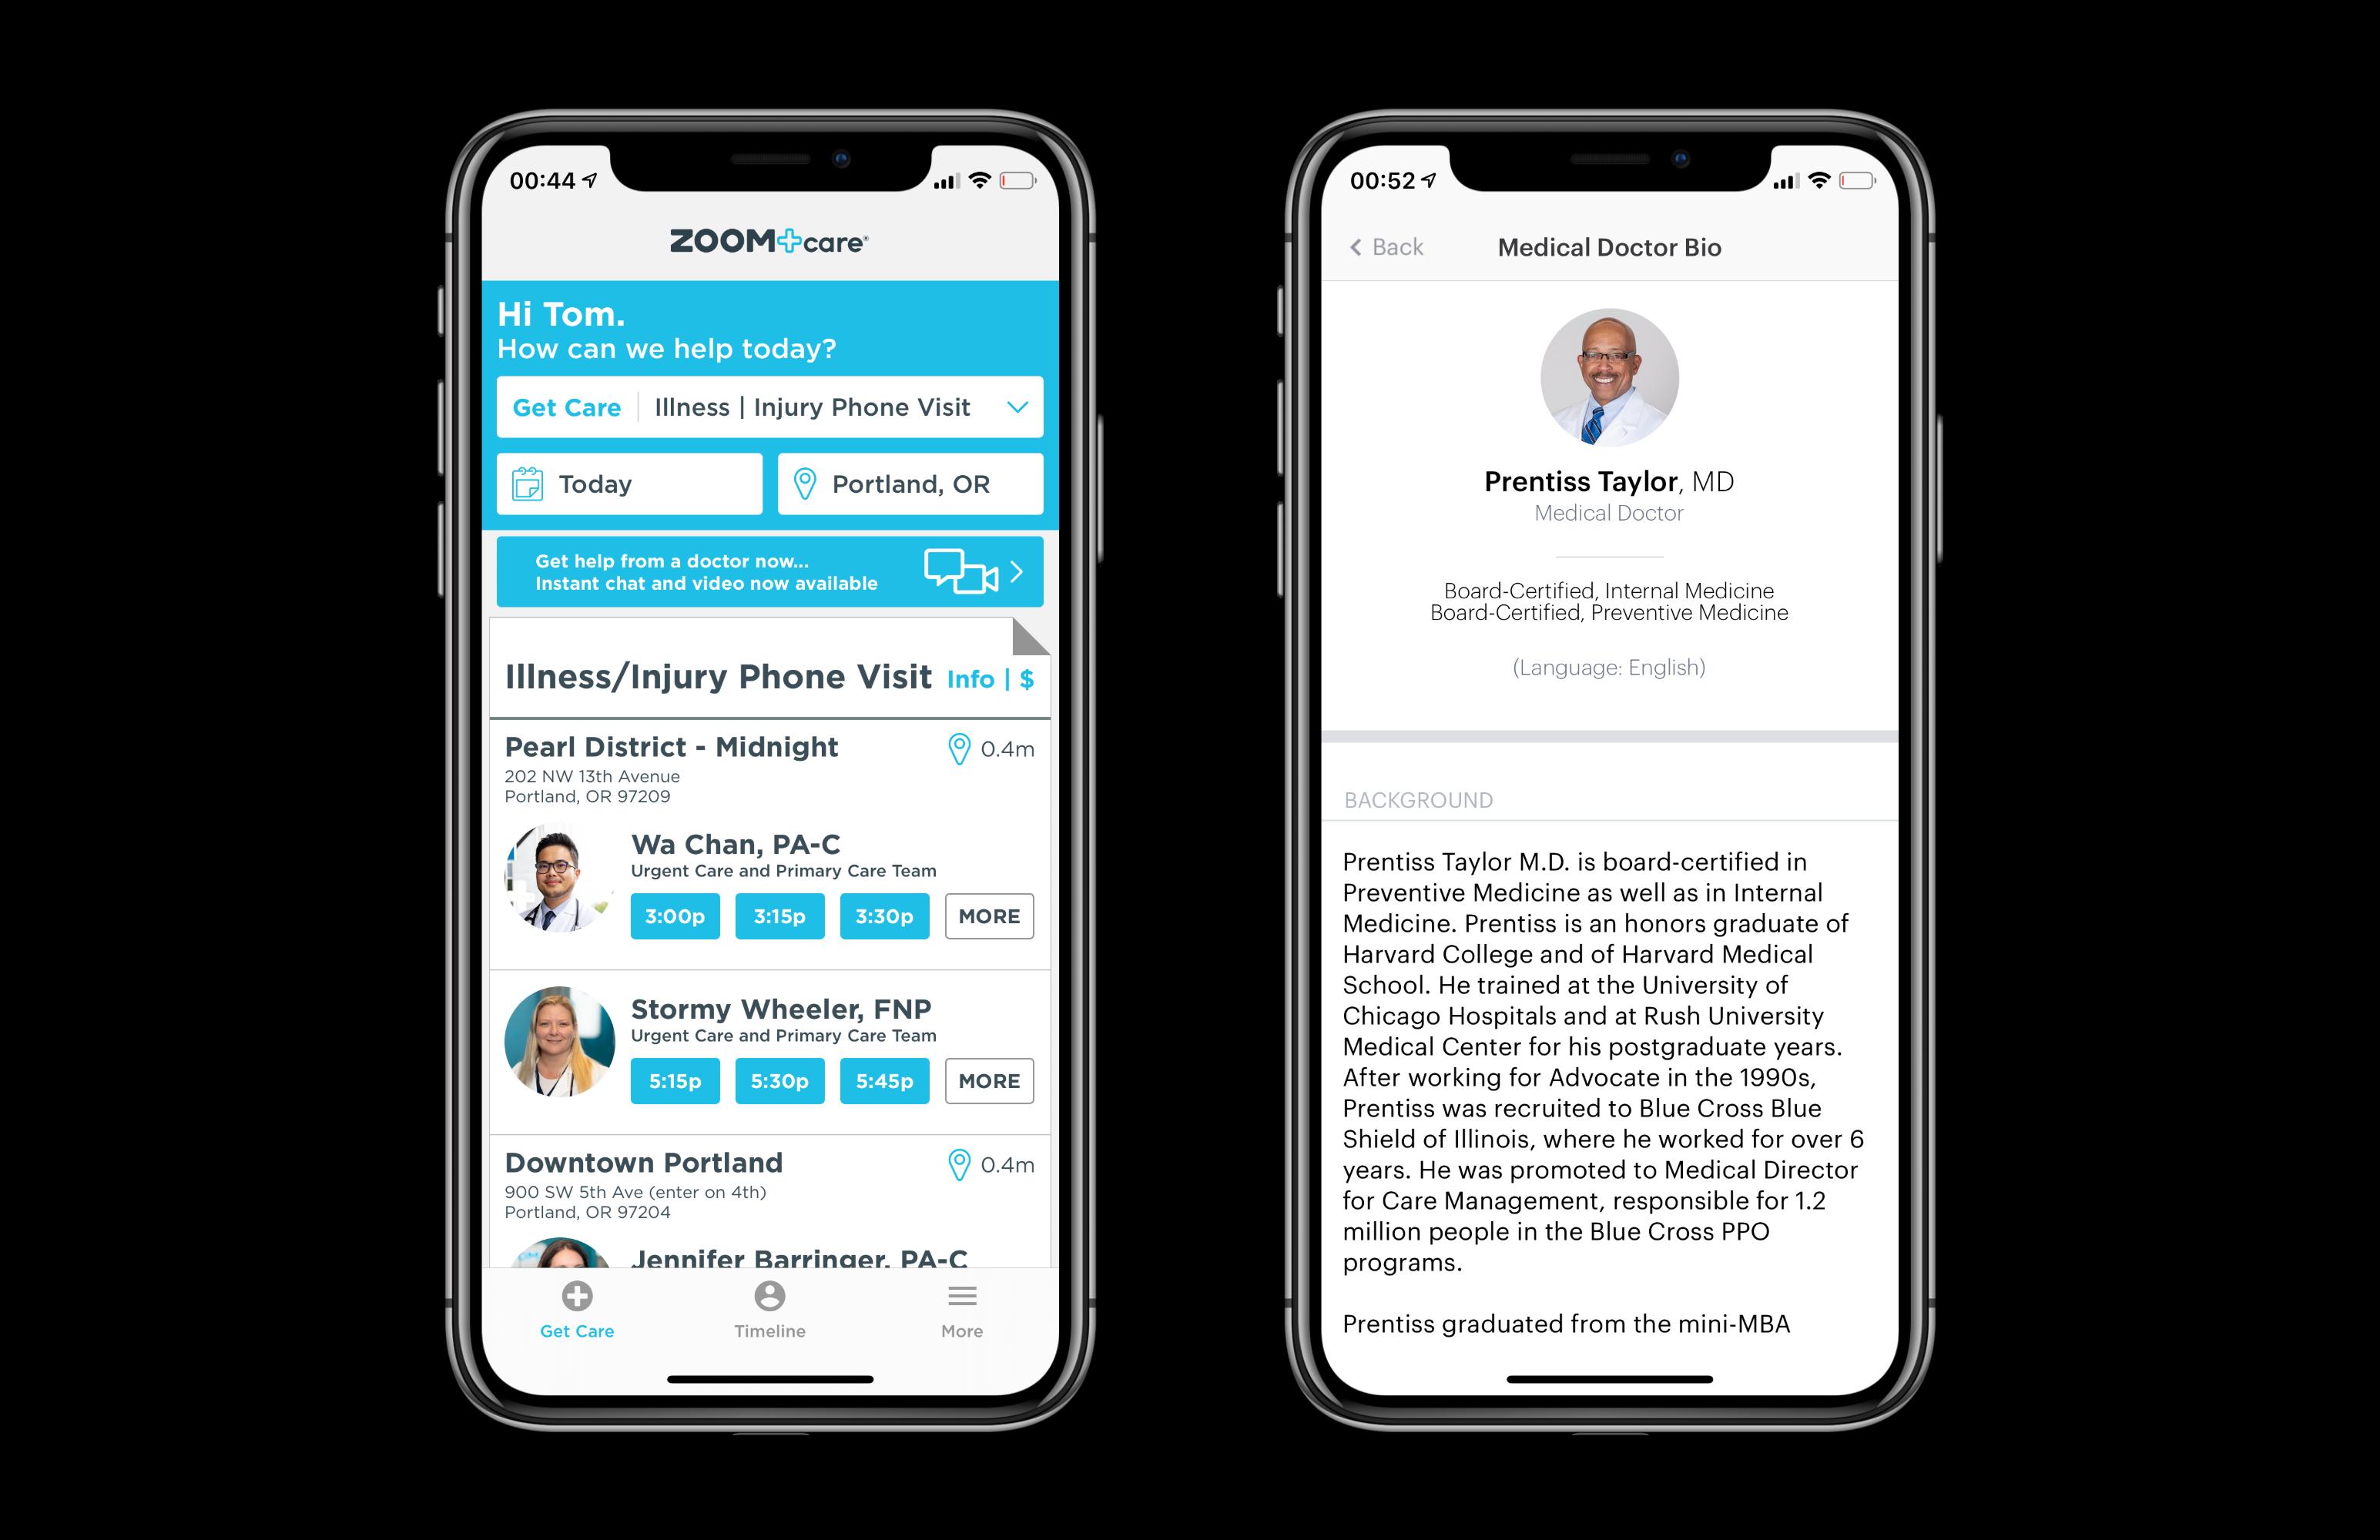 Telemedicine software/patient's app: list of doctors